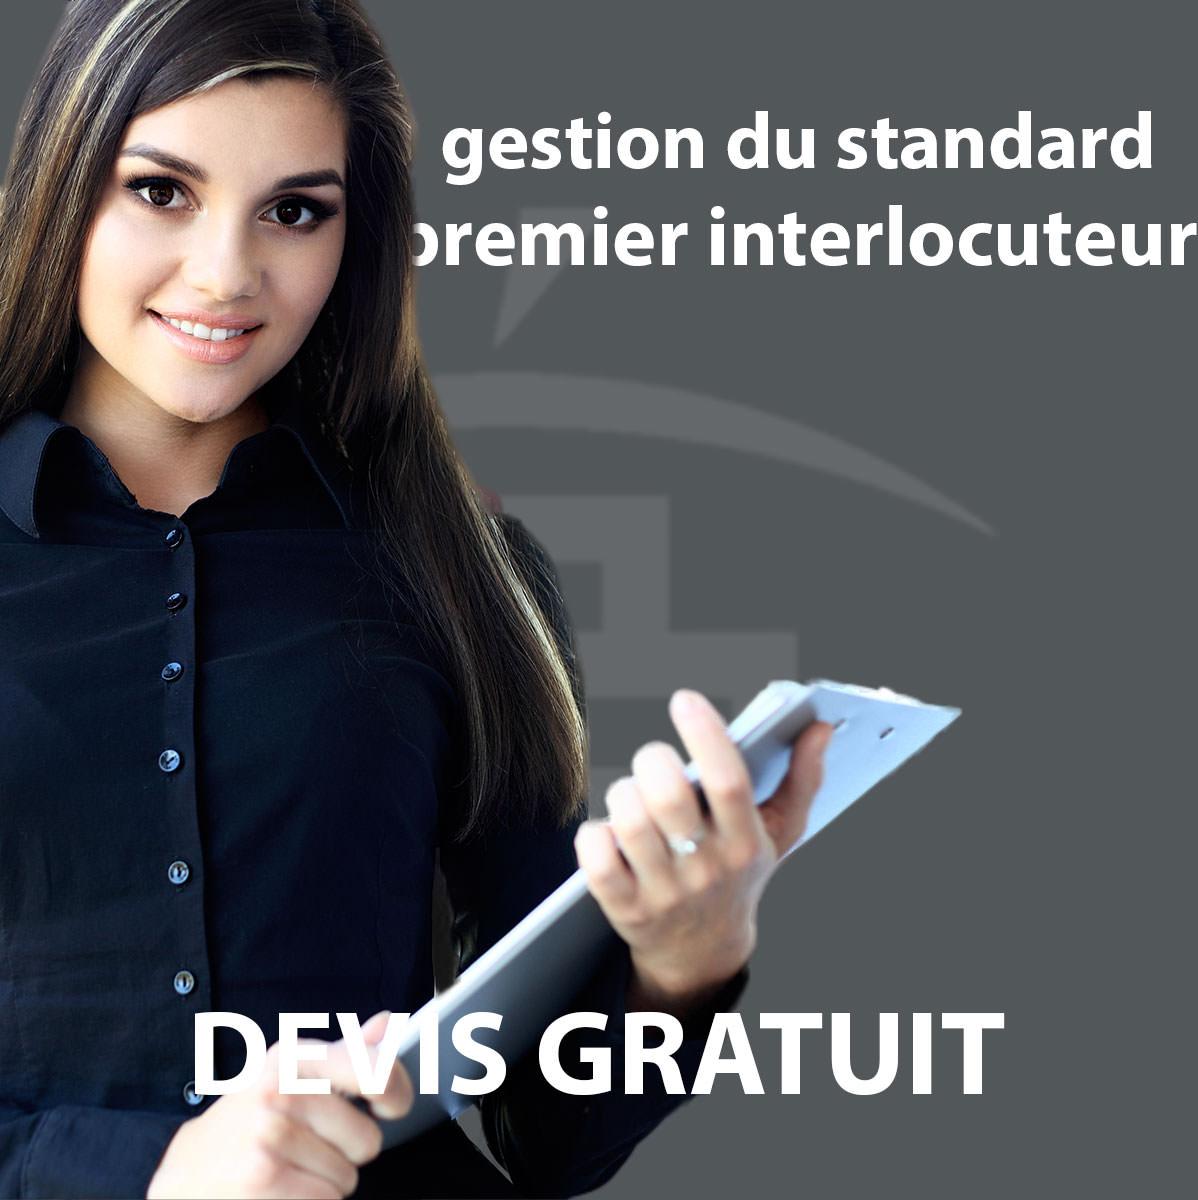 hôtesses pour la gestion de standard Yvelines